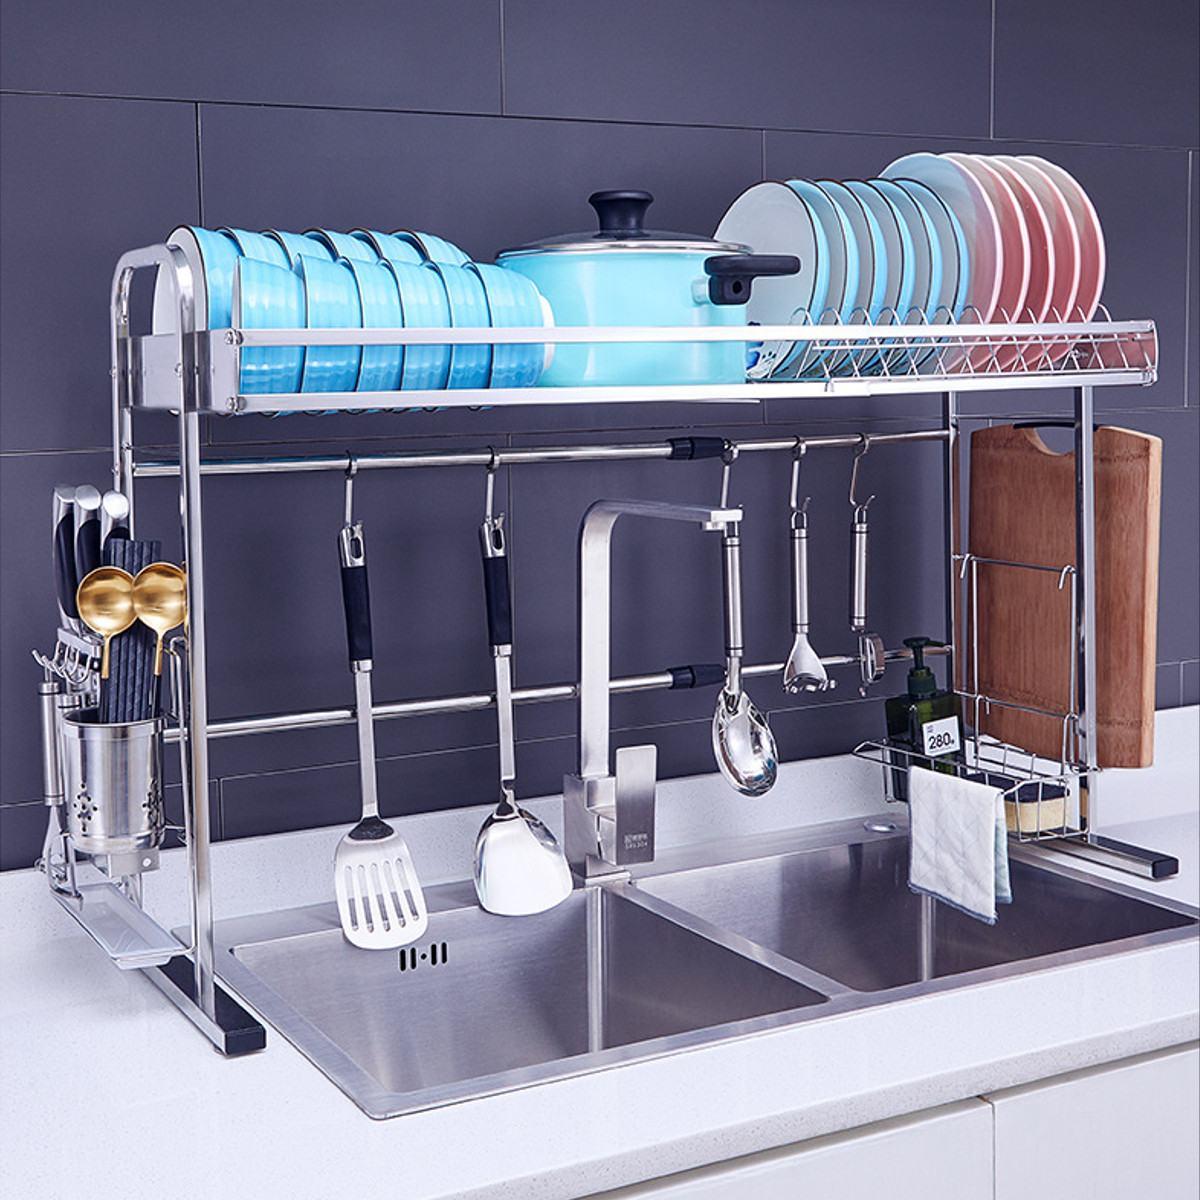 pia superior pratos de lavagem pauzinhos colher